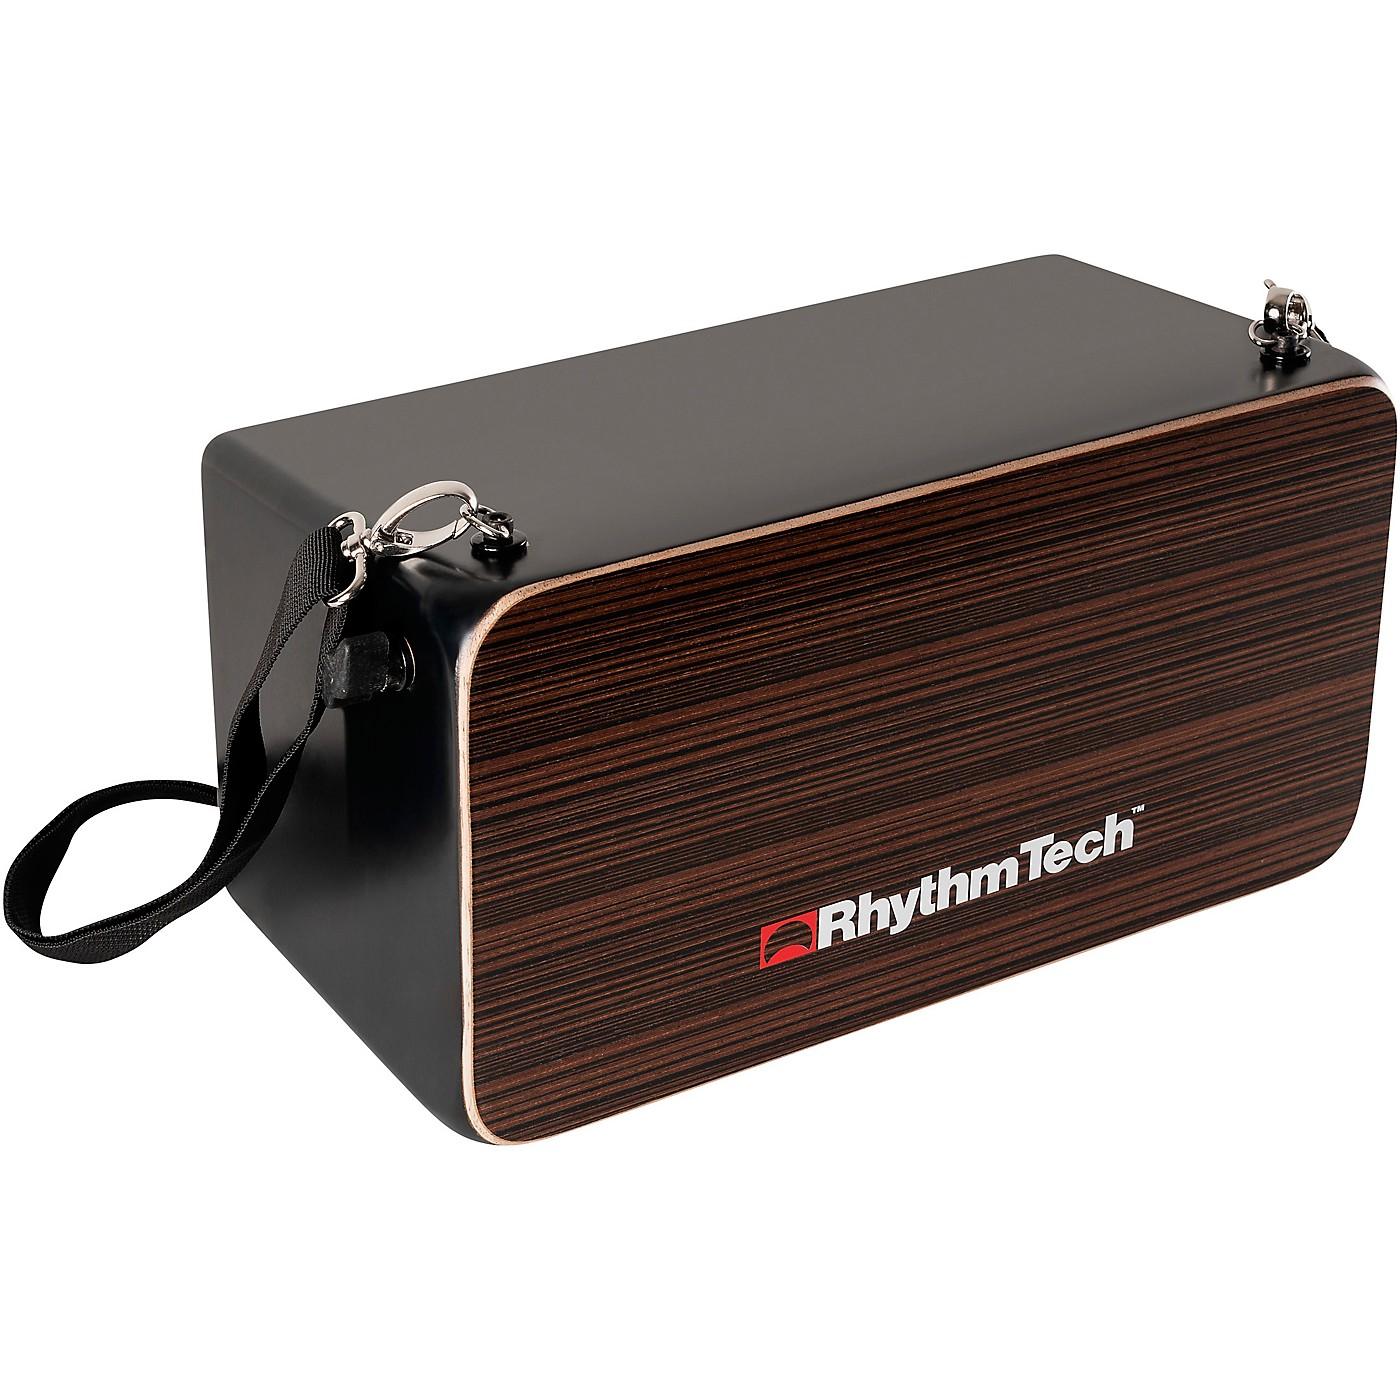 Rhythm Tech Palma Series Bongo Cajon with On/Off Snare thumbnail